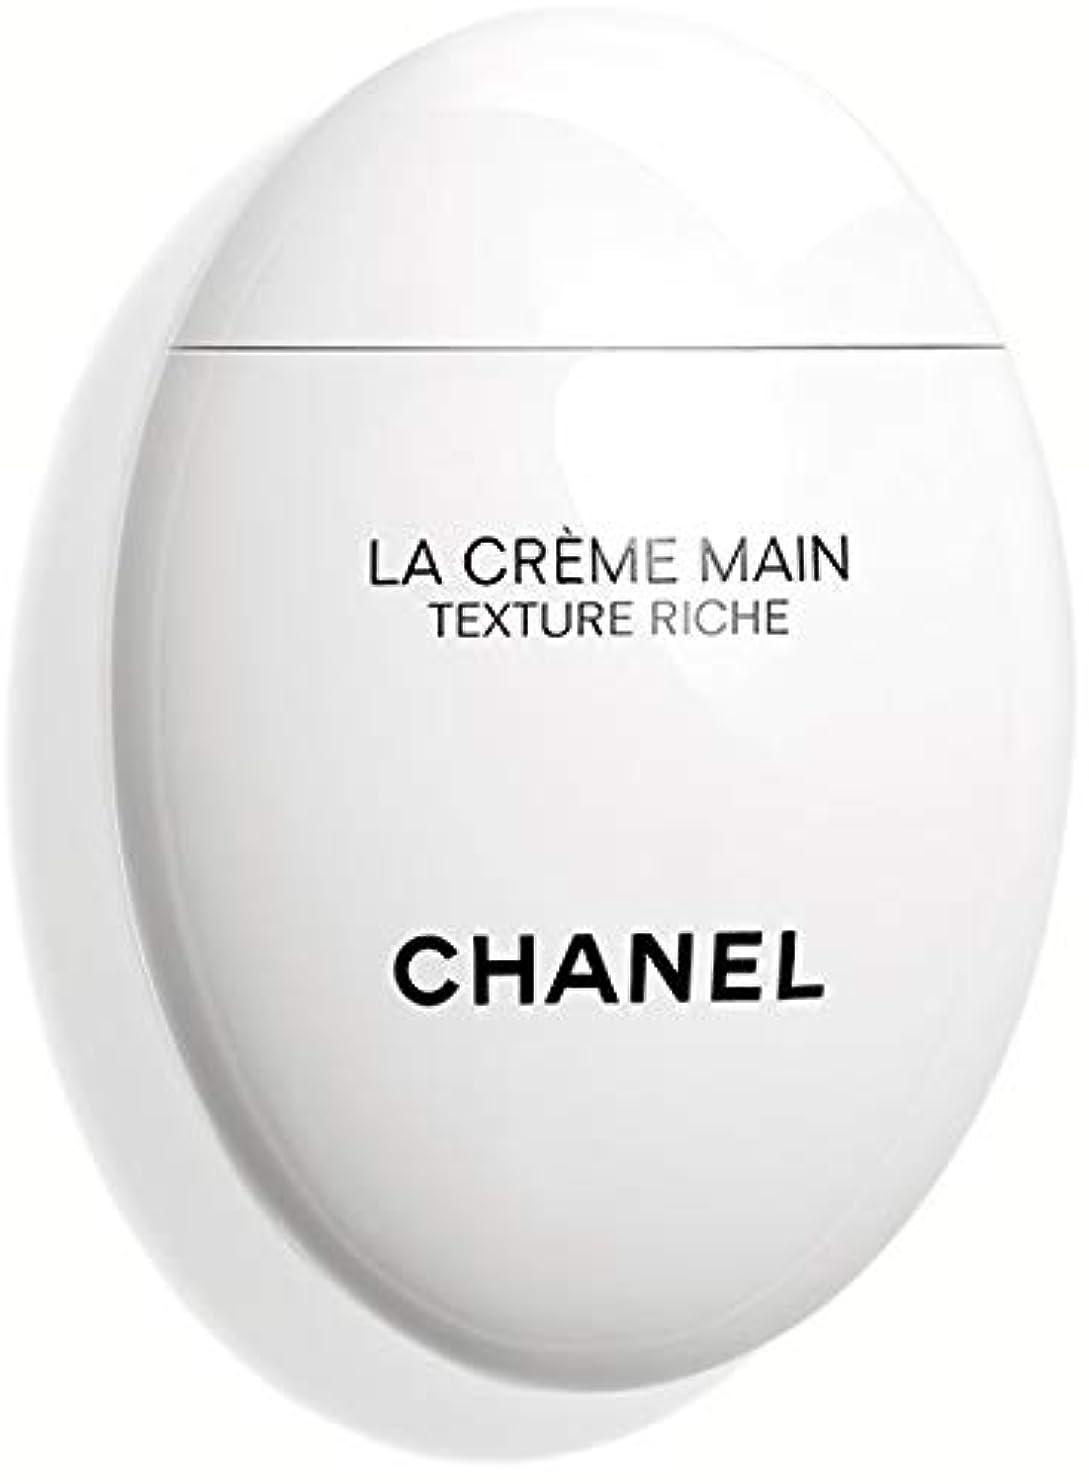 ことわざ蓋いらいらするCHANEL LA CREME MAIN TEXTURE RICHE シャネル ラ クレーム マン リッシュ ハンドクリーム (リッチ)50ml オリジナルラッピング&ショップバッグ